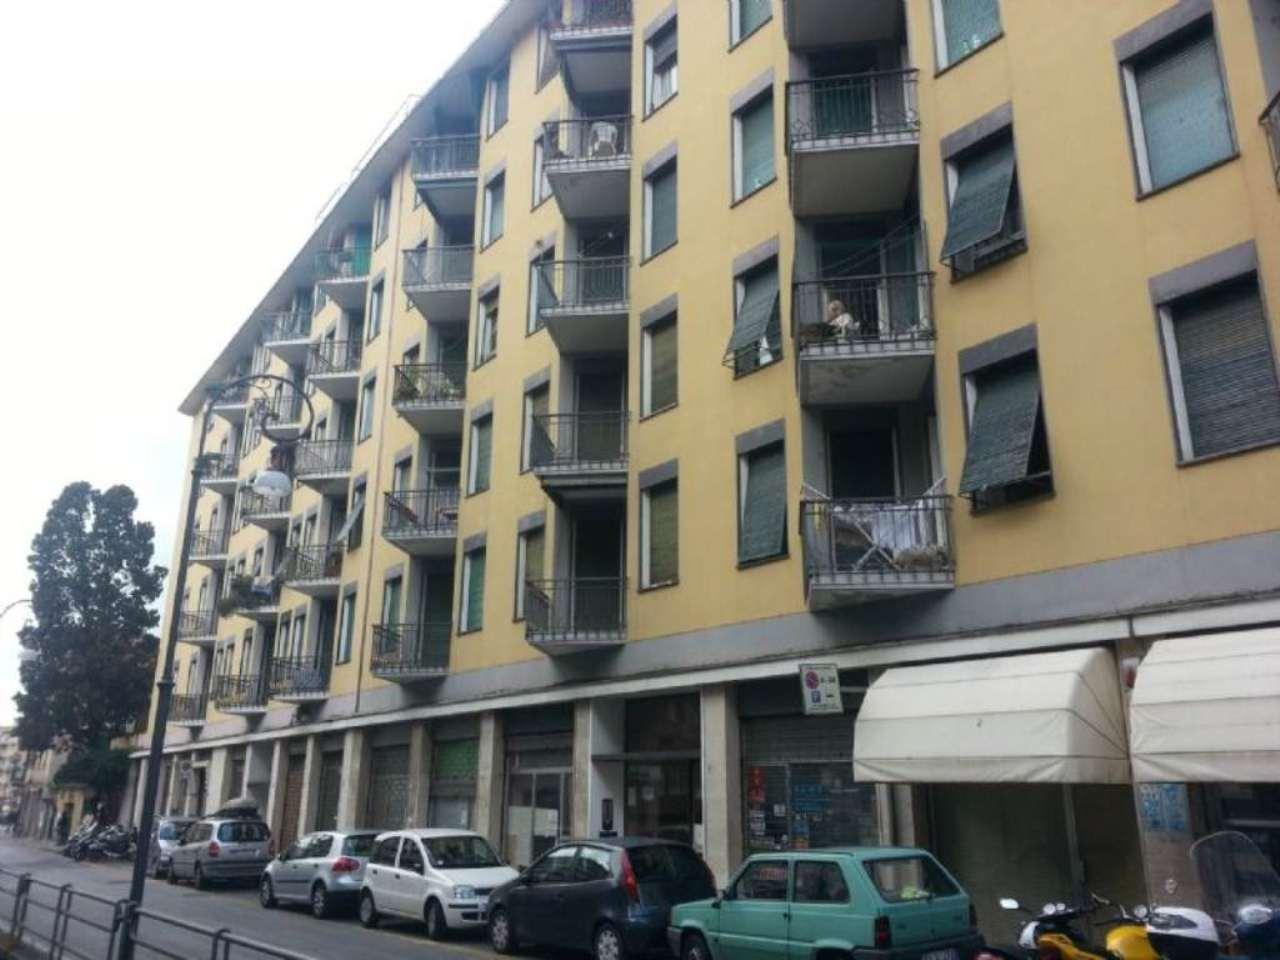 Case vacanza in affitto rapallo cerco casa vacanza for Case affitto savignone